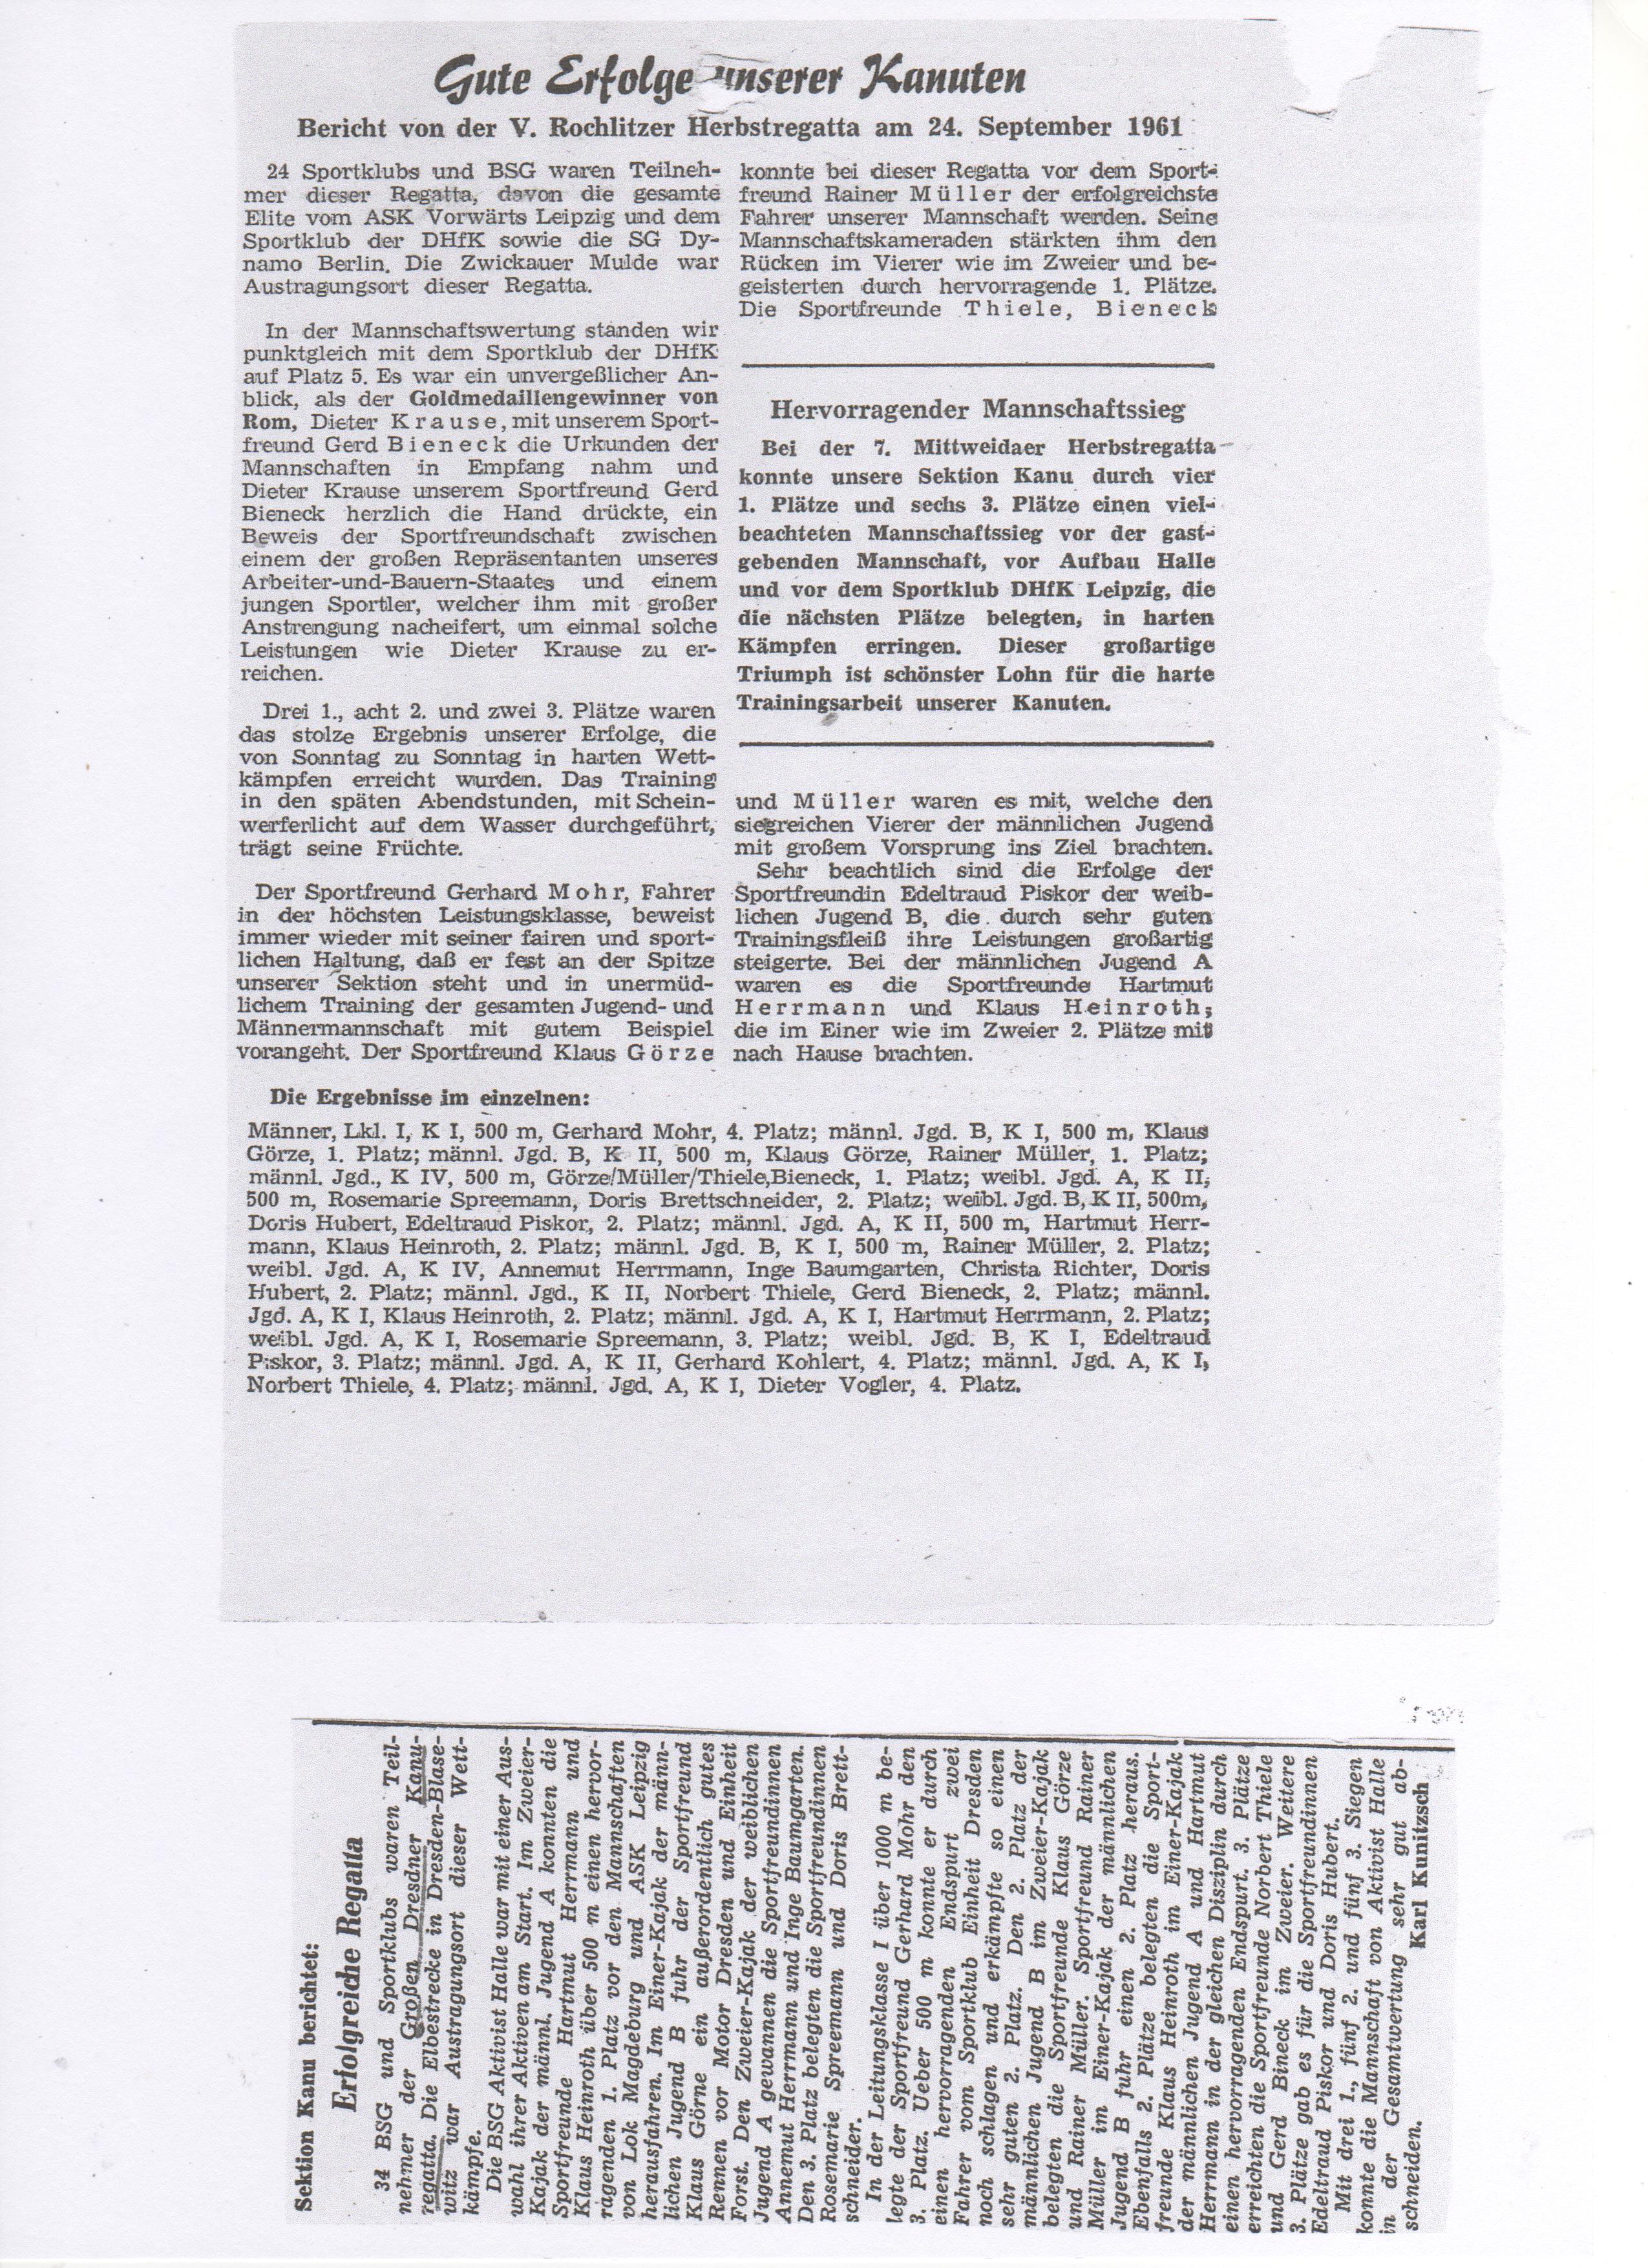 1961-09-24 Gute Erfolge unserer Kanuten